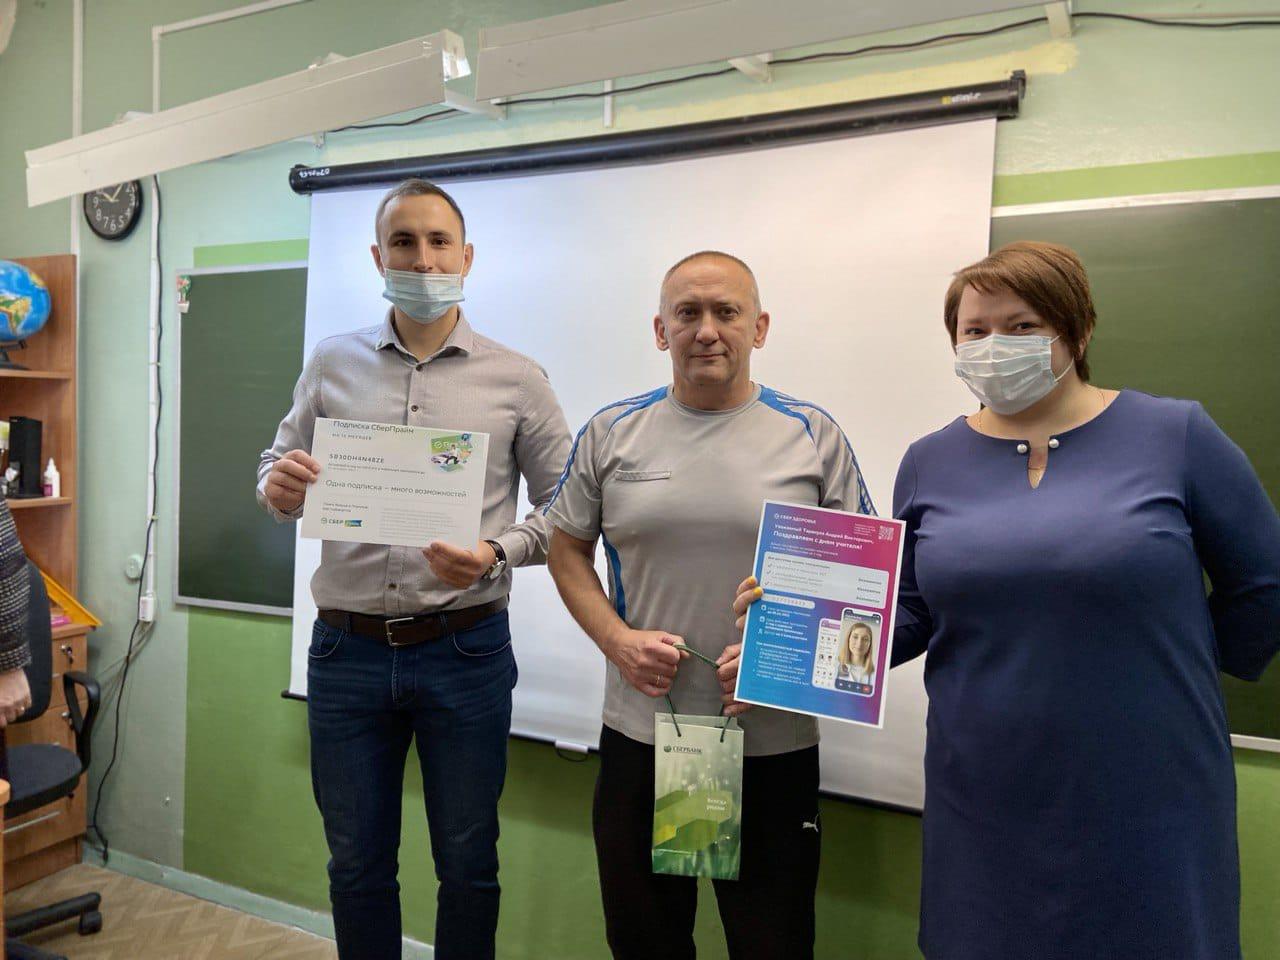 Восемь педагогов Ярославской области вошли в «Золотую тысячу» лучших учителей страны